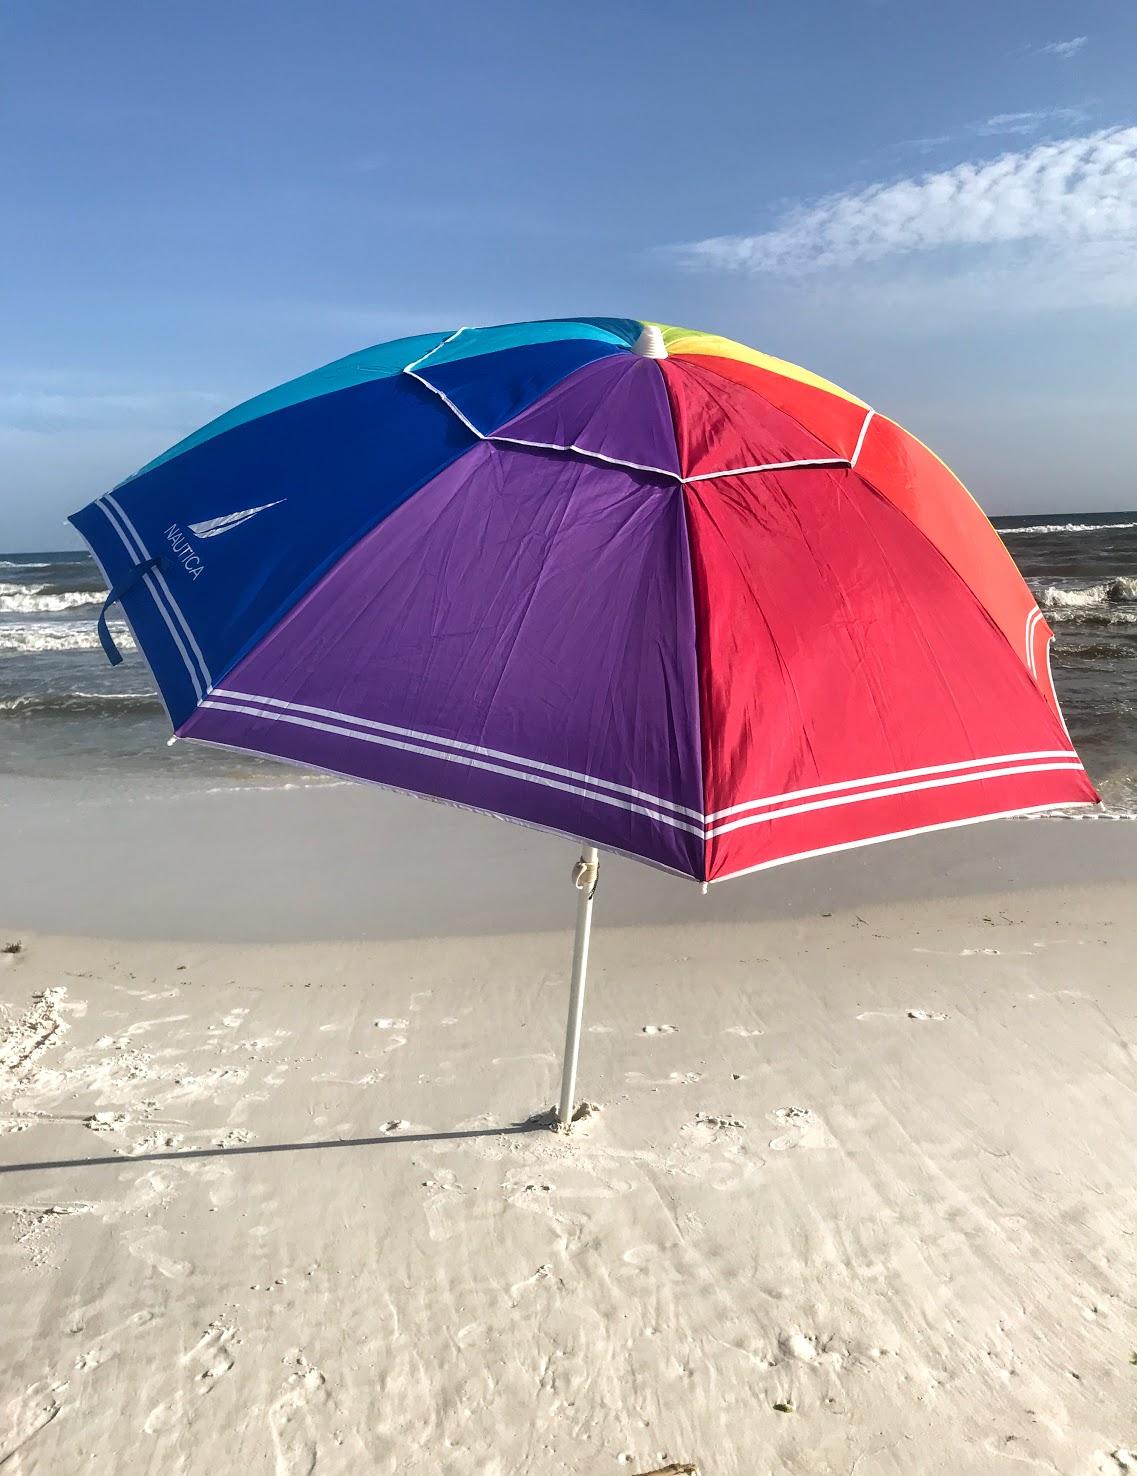 beach sun shade with a summer beach umbrella